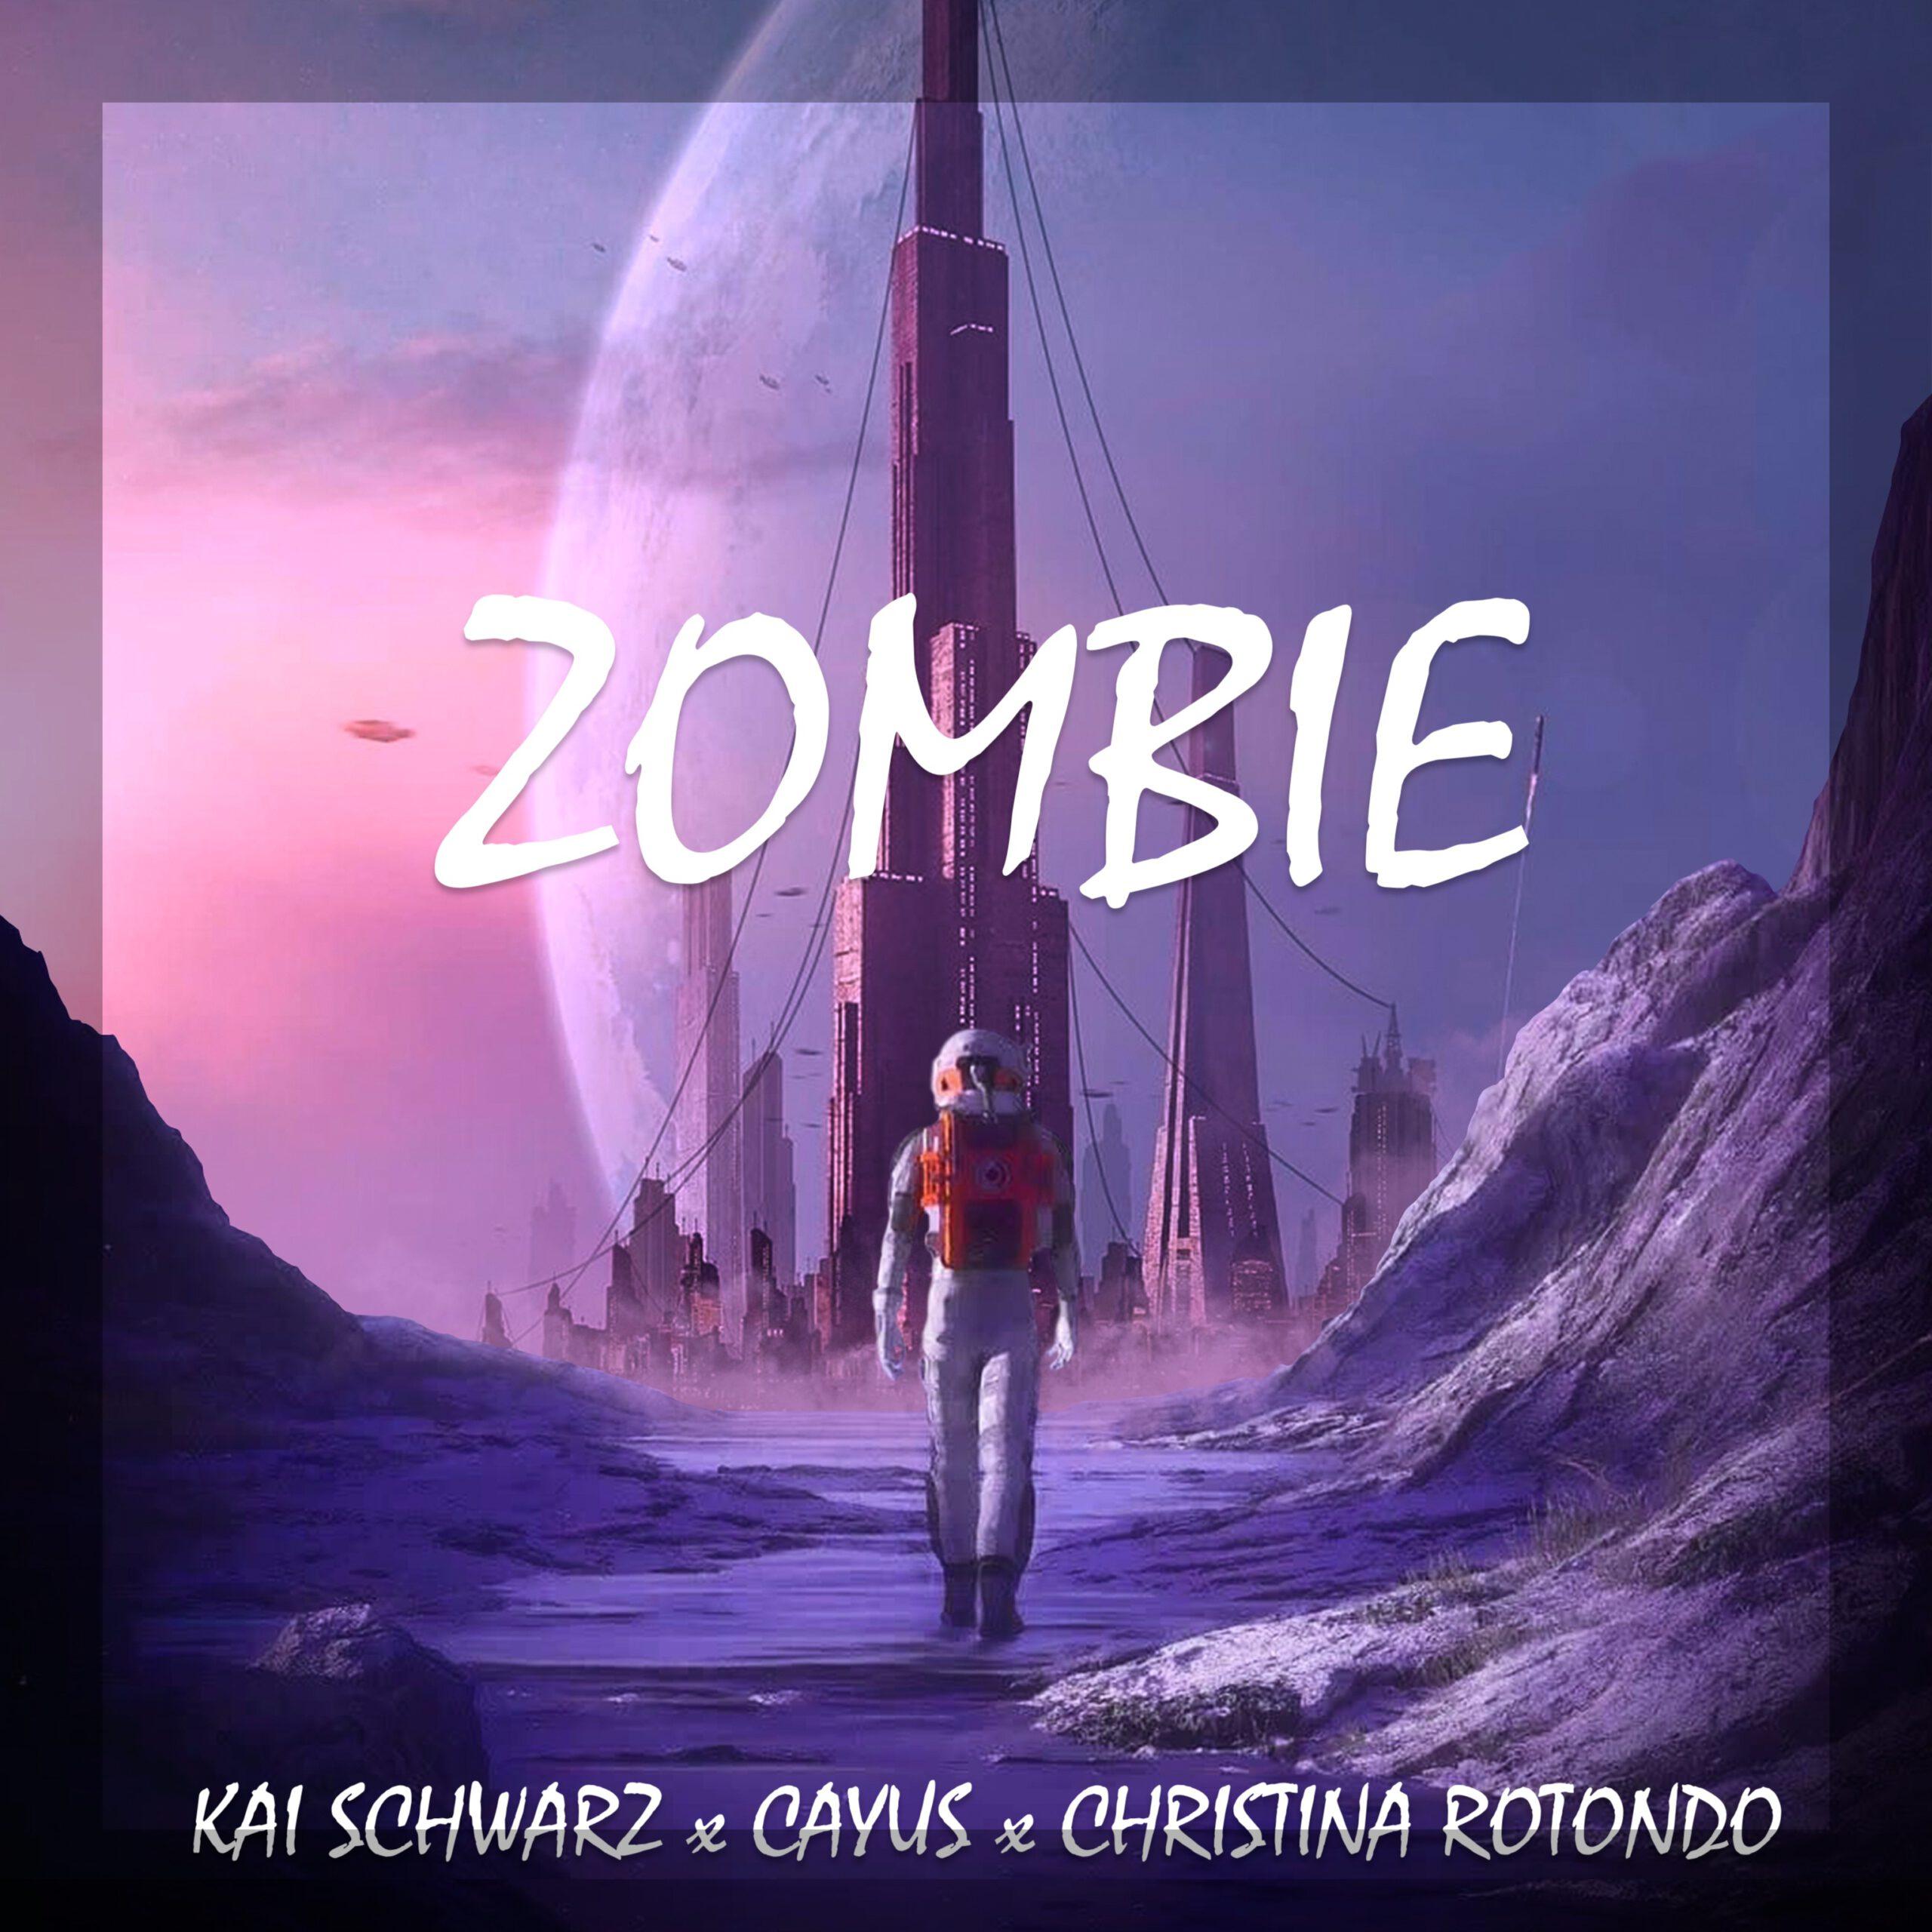 Zombie - Kai Schwarz / Cayus / Christina Rotondo Out Now 01.10.2021 @Spotify, iTunes, Amazon Music, Deezer